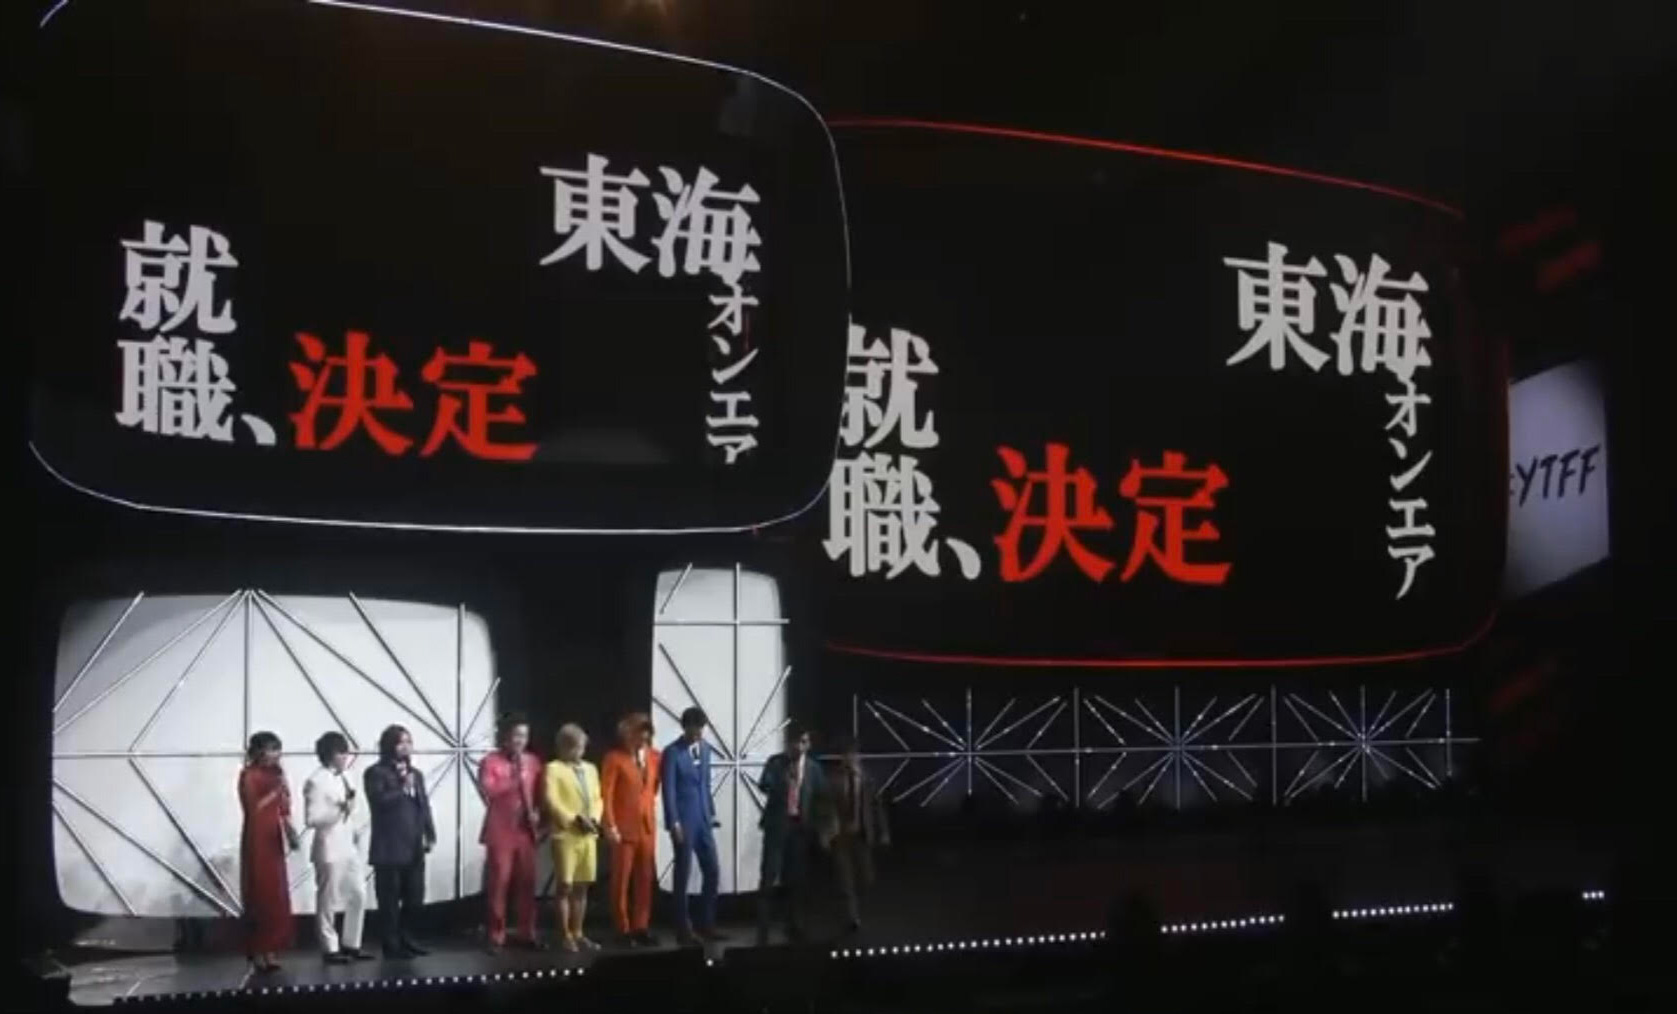 東海オンエアのドラマ(YouTubeOriginals)、ついに始動!(2020/3/10追記)